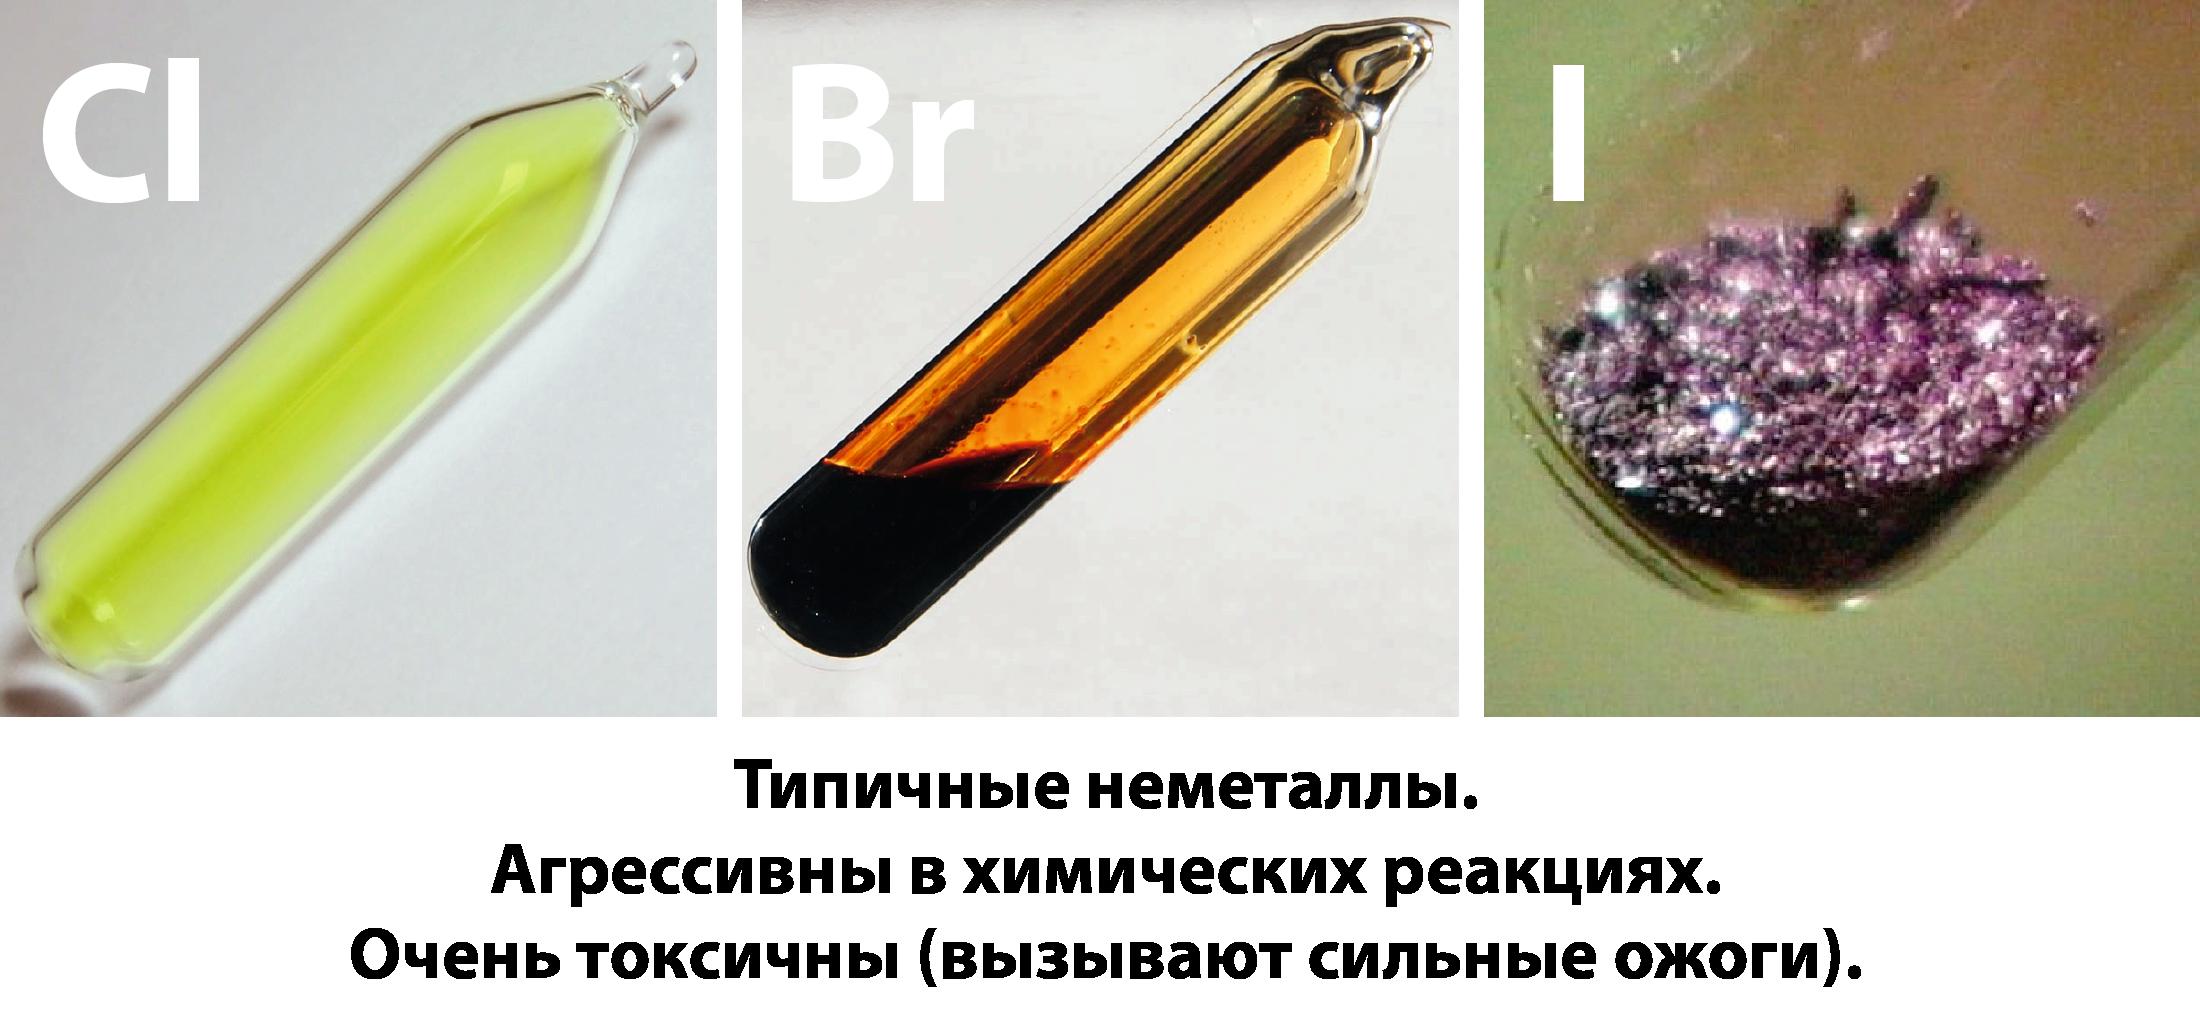 Дёберейнер объединил сходные между собой элементы в триады